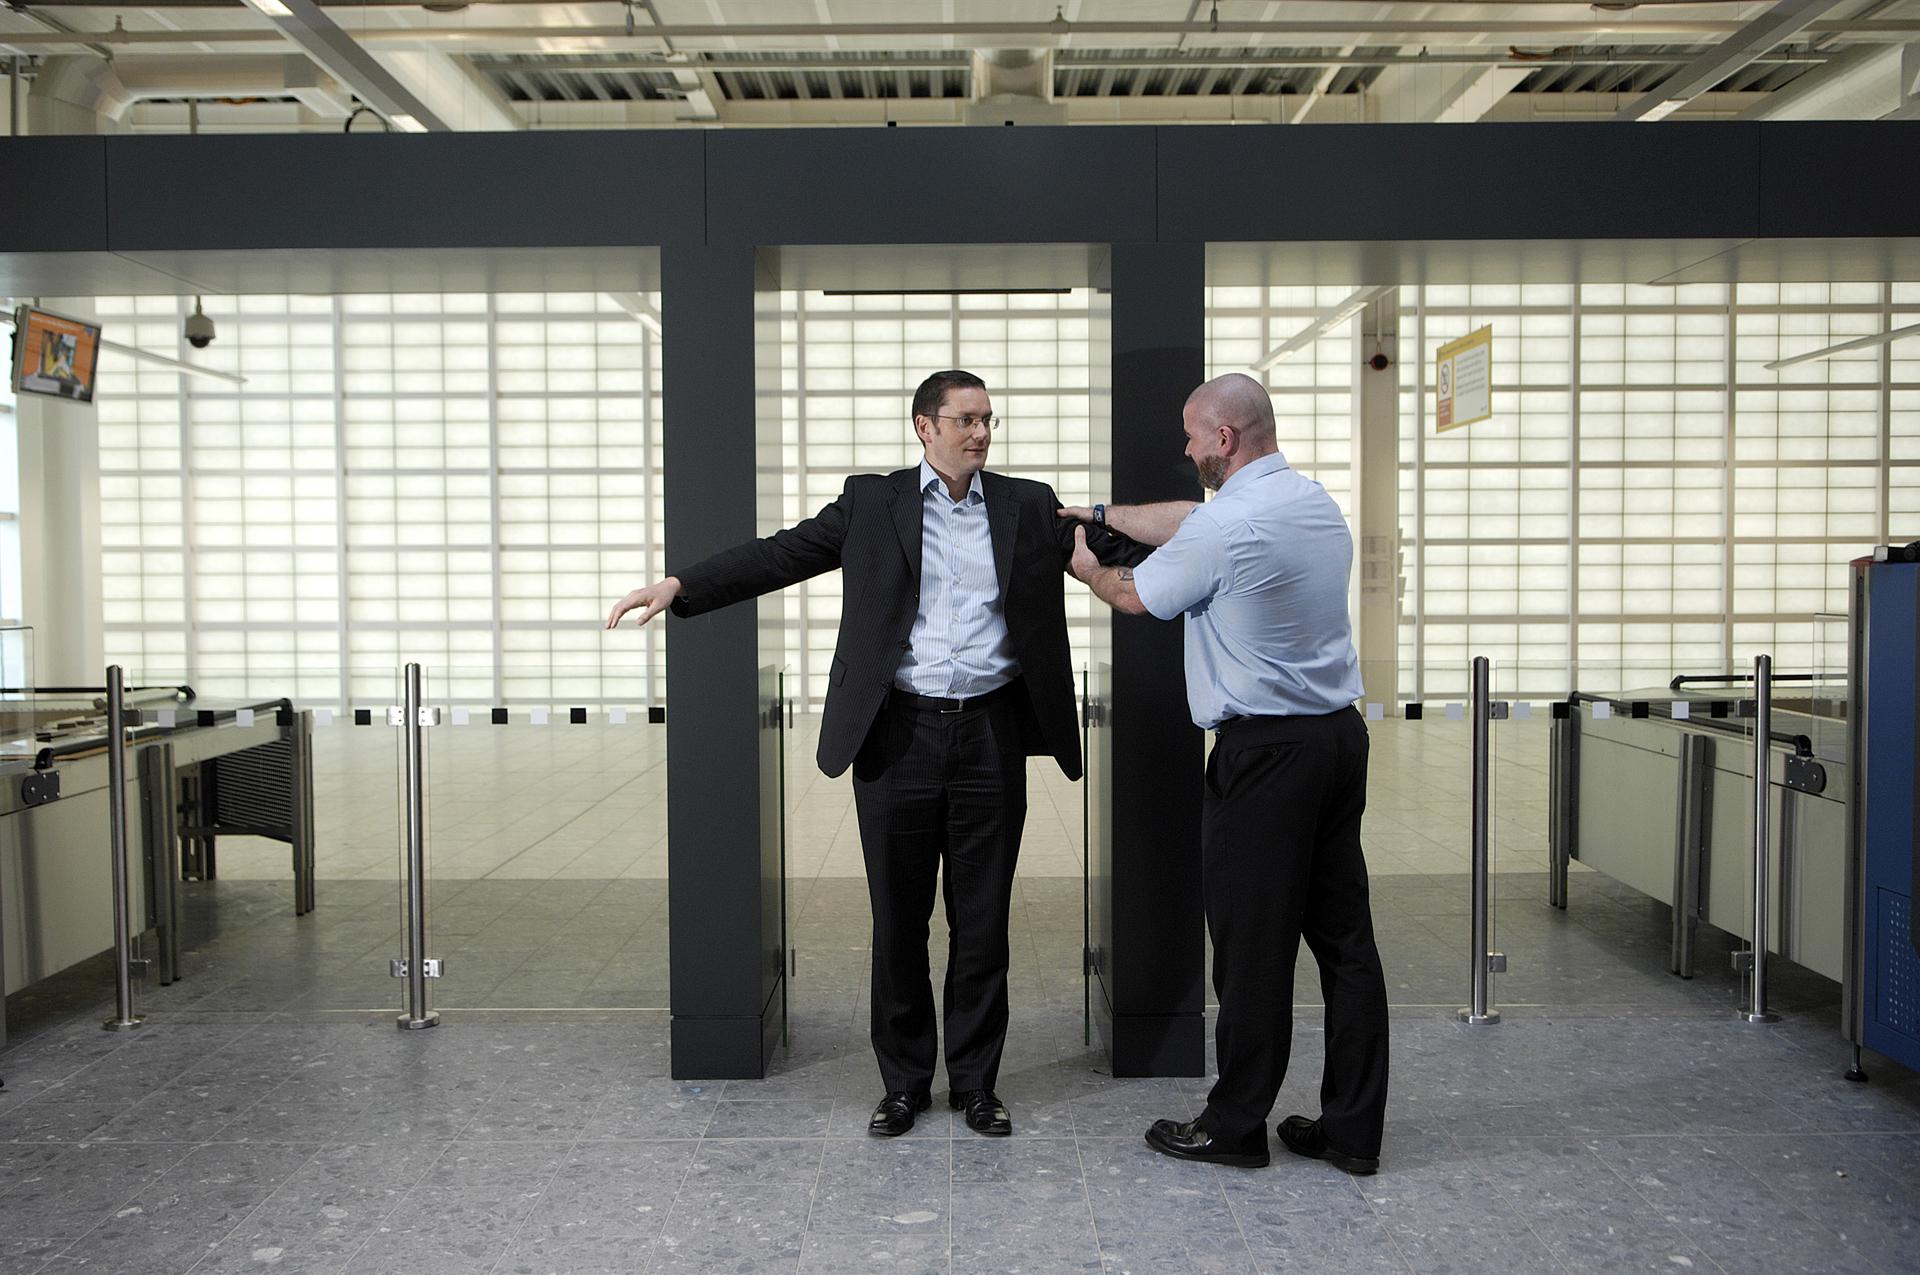 Structura Uk Com Glasgow Airport Skyhub